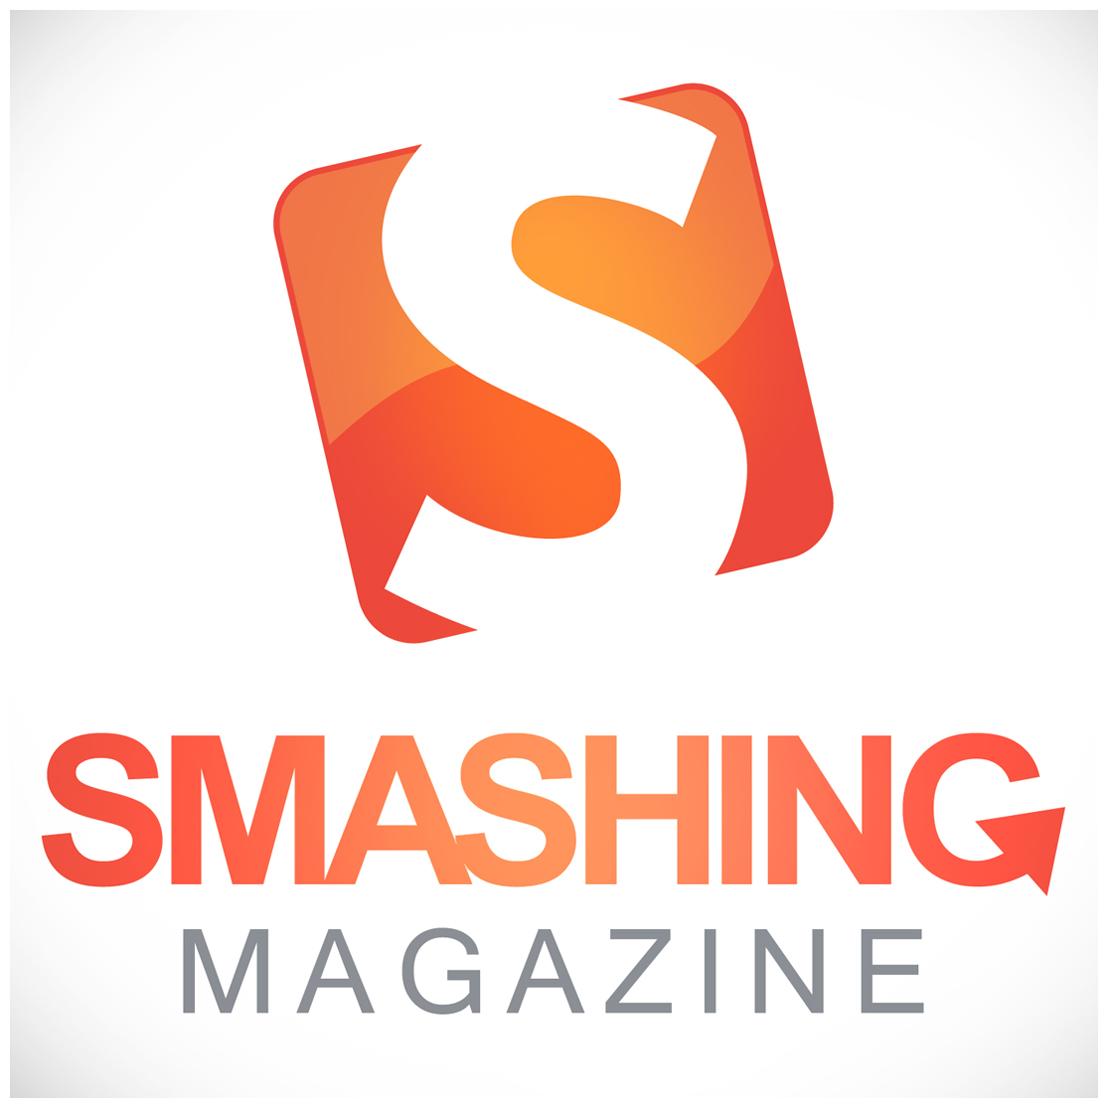 Smashingmagazine